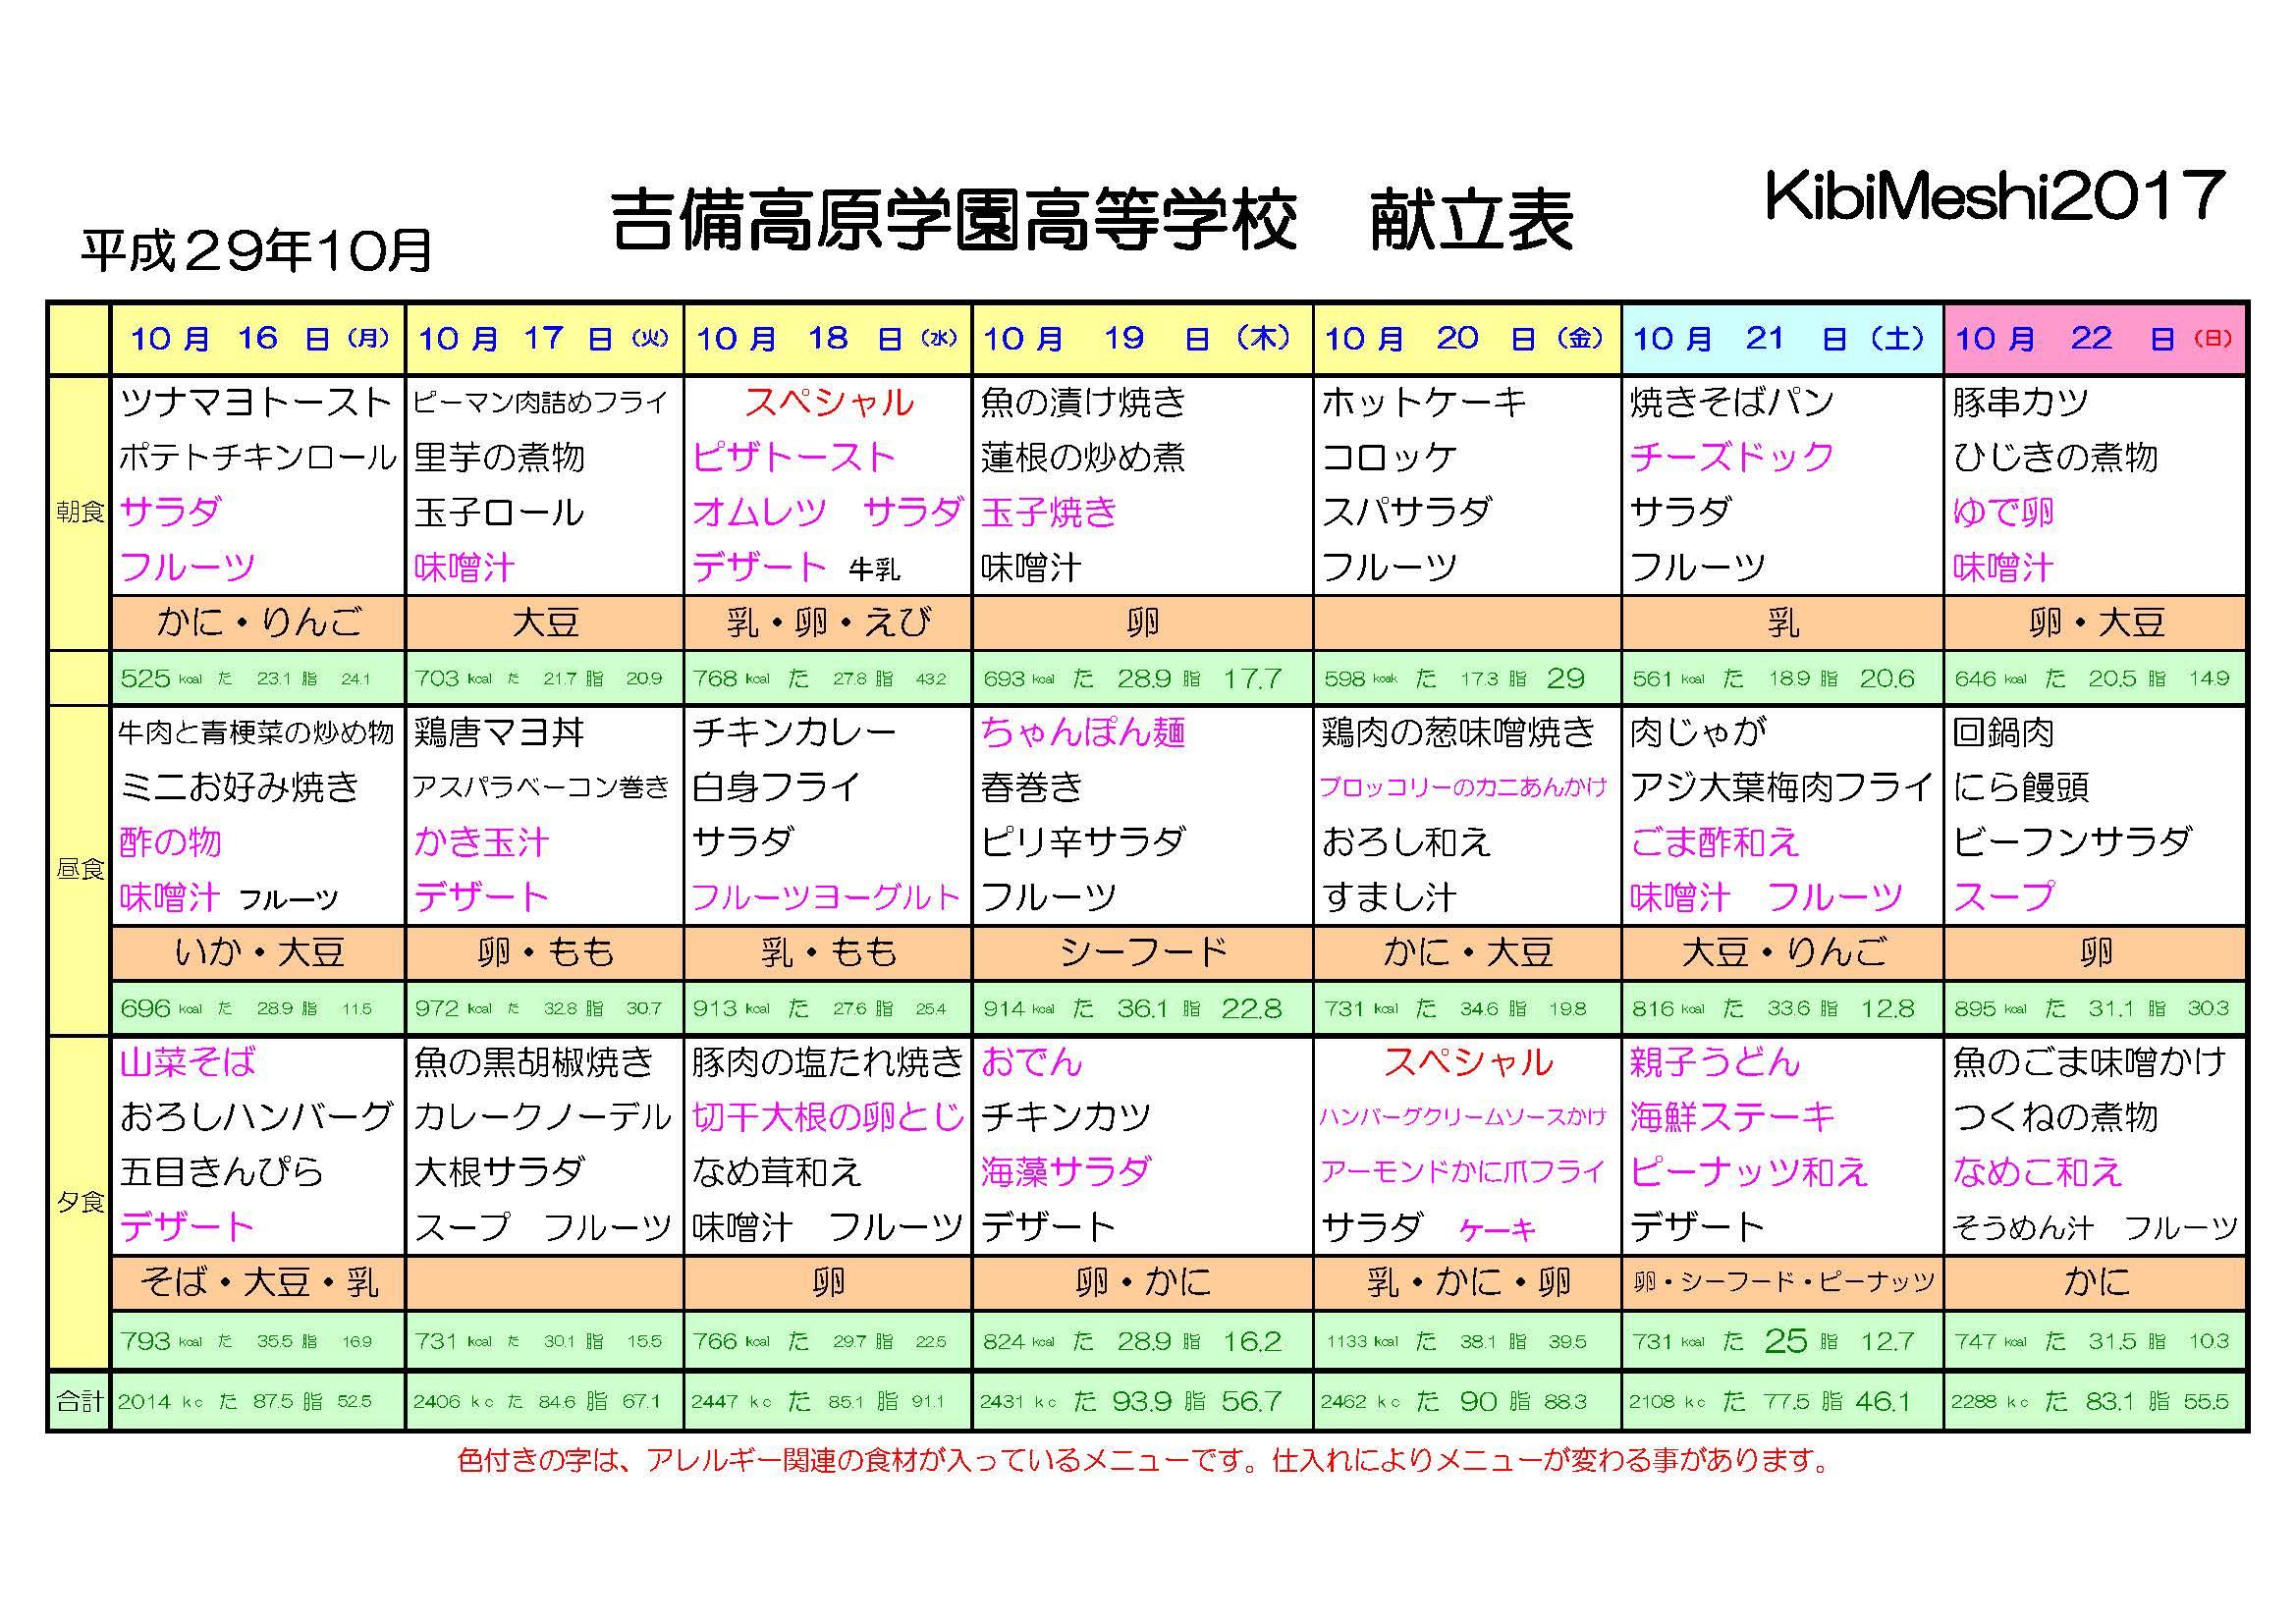 KibiMeshi20171016-1022